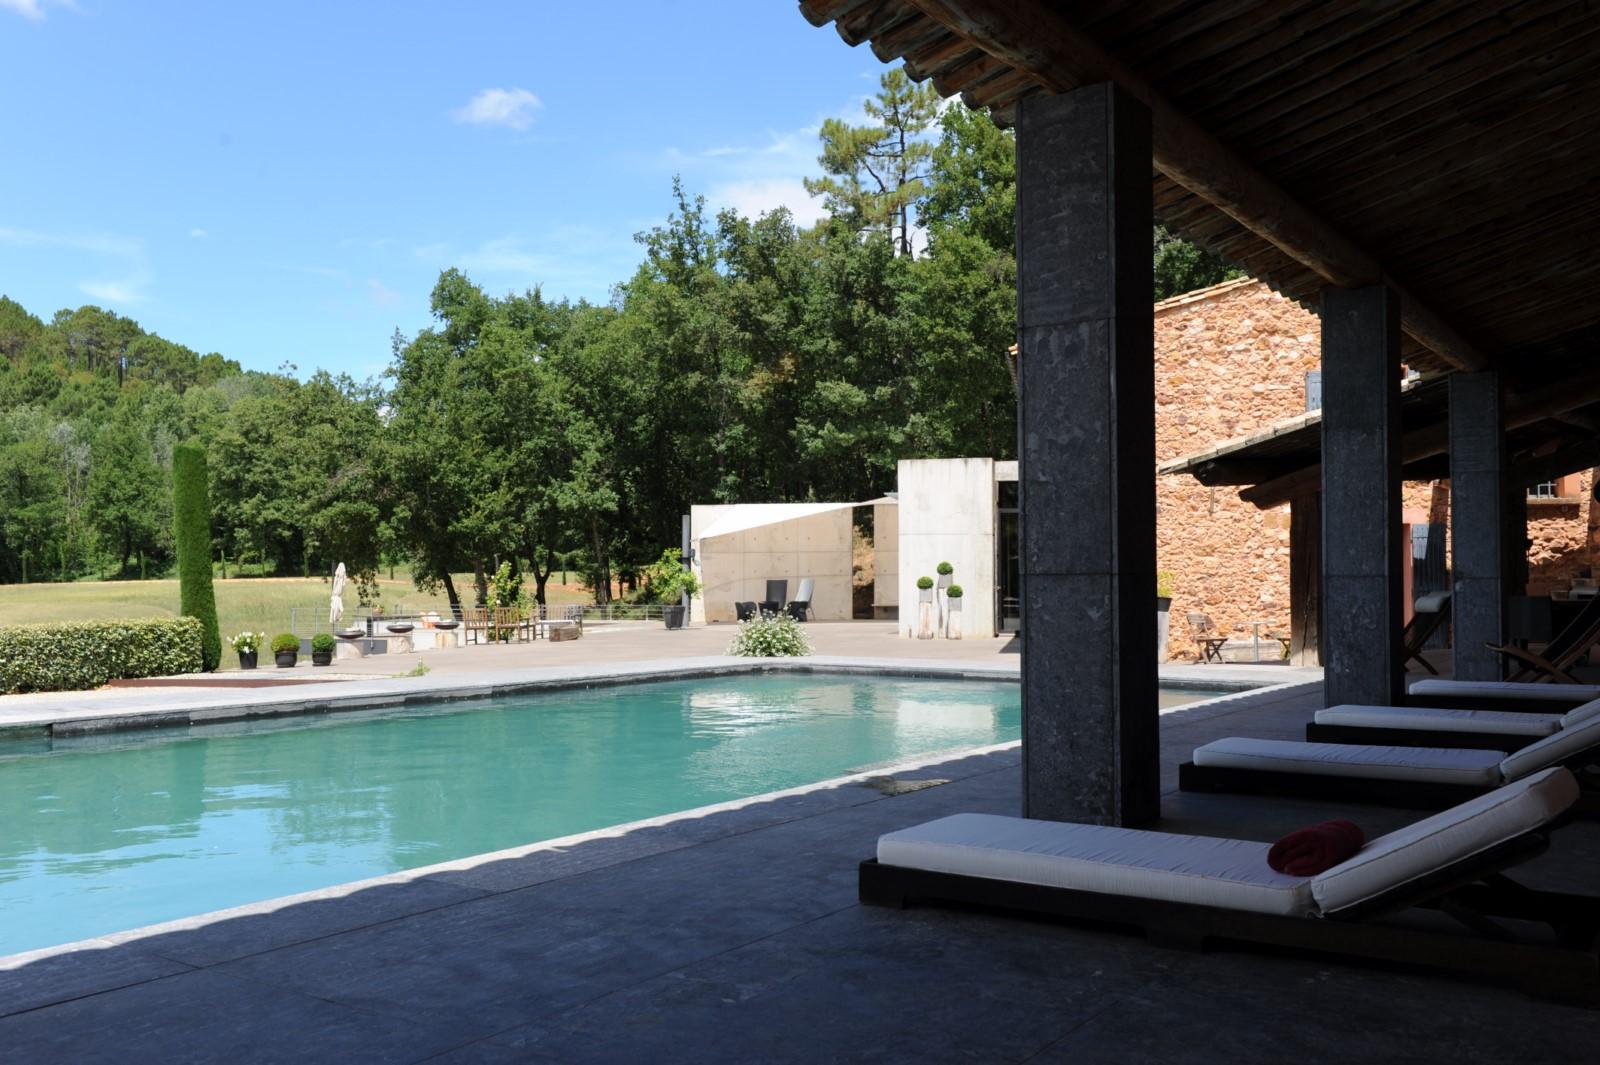 Roussillon piscine de rêve face aux ocres